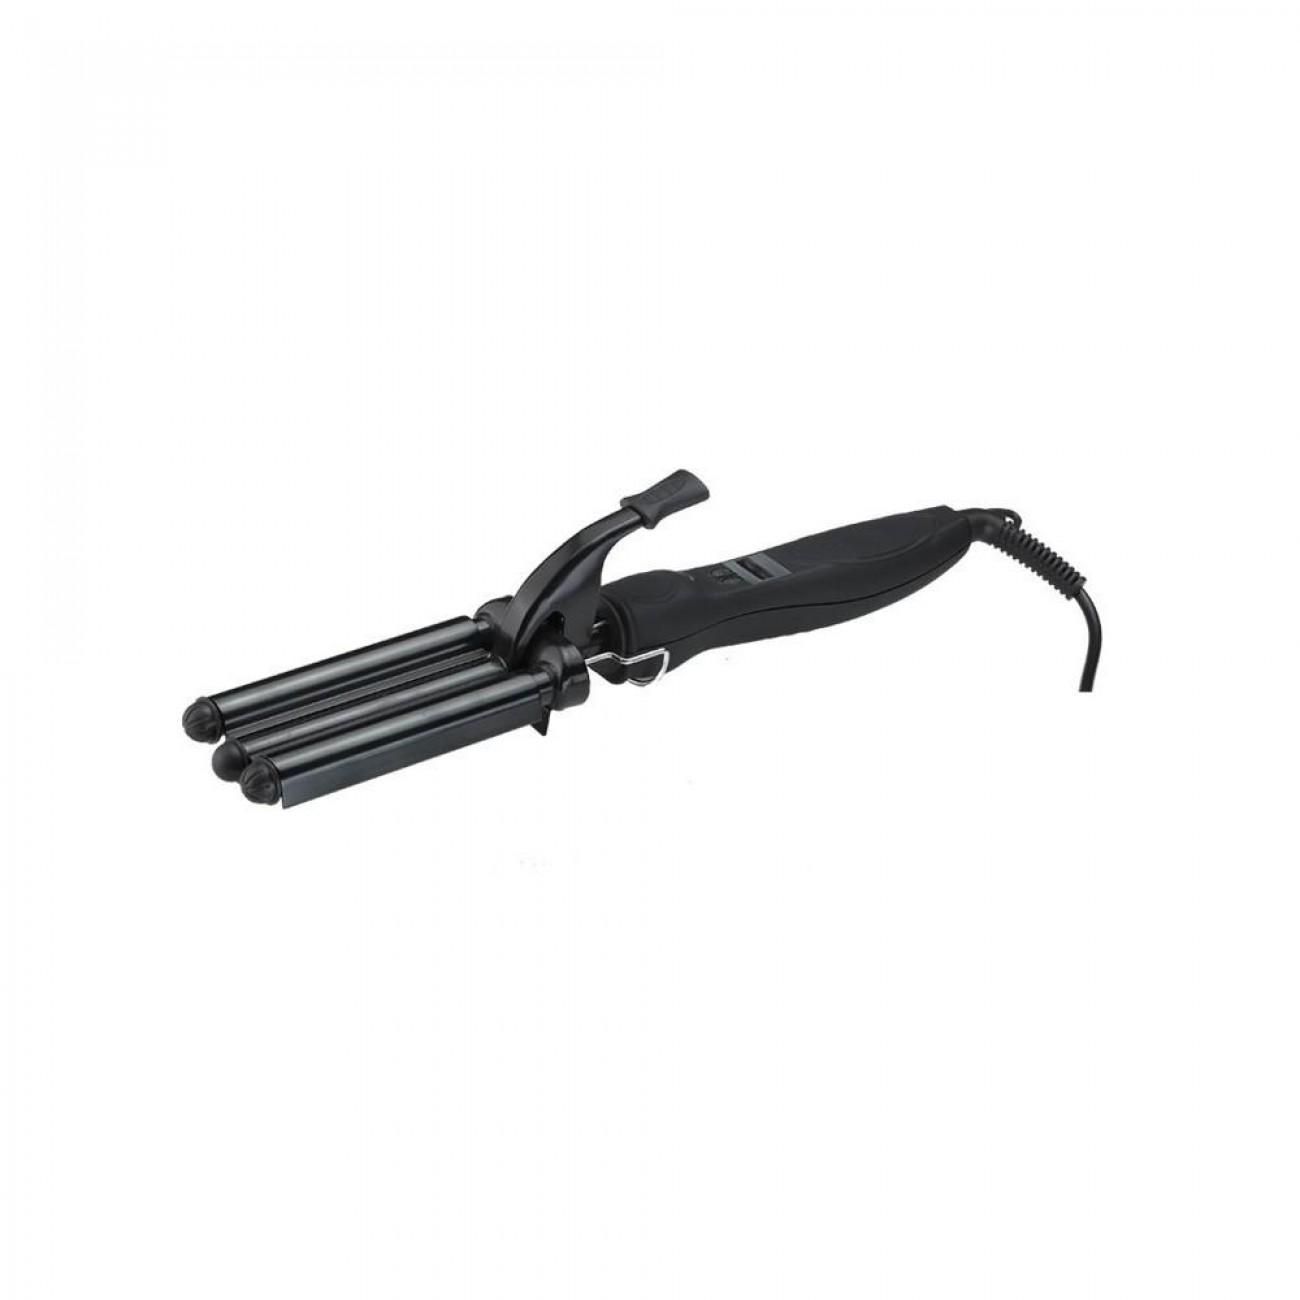 Ретро преса SAPIR SP 1102 MBD, 120W, 15 степени на нагряване в Преса за коса - SAPIR | Alleop